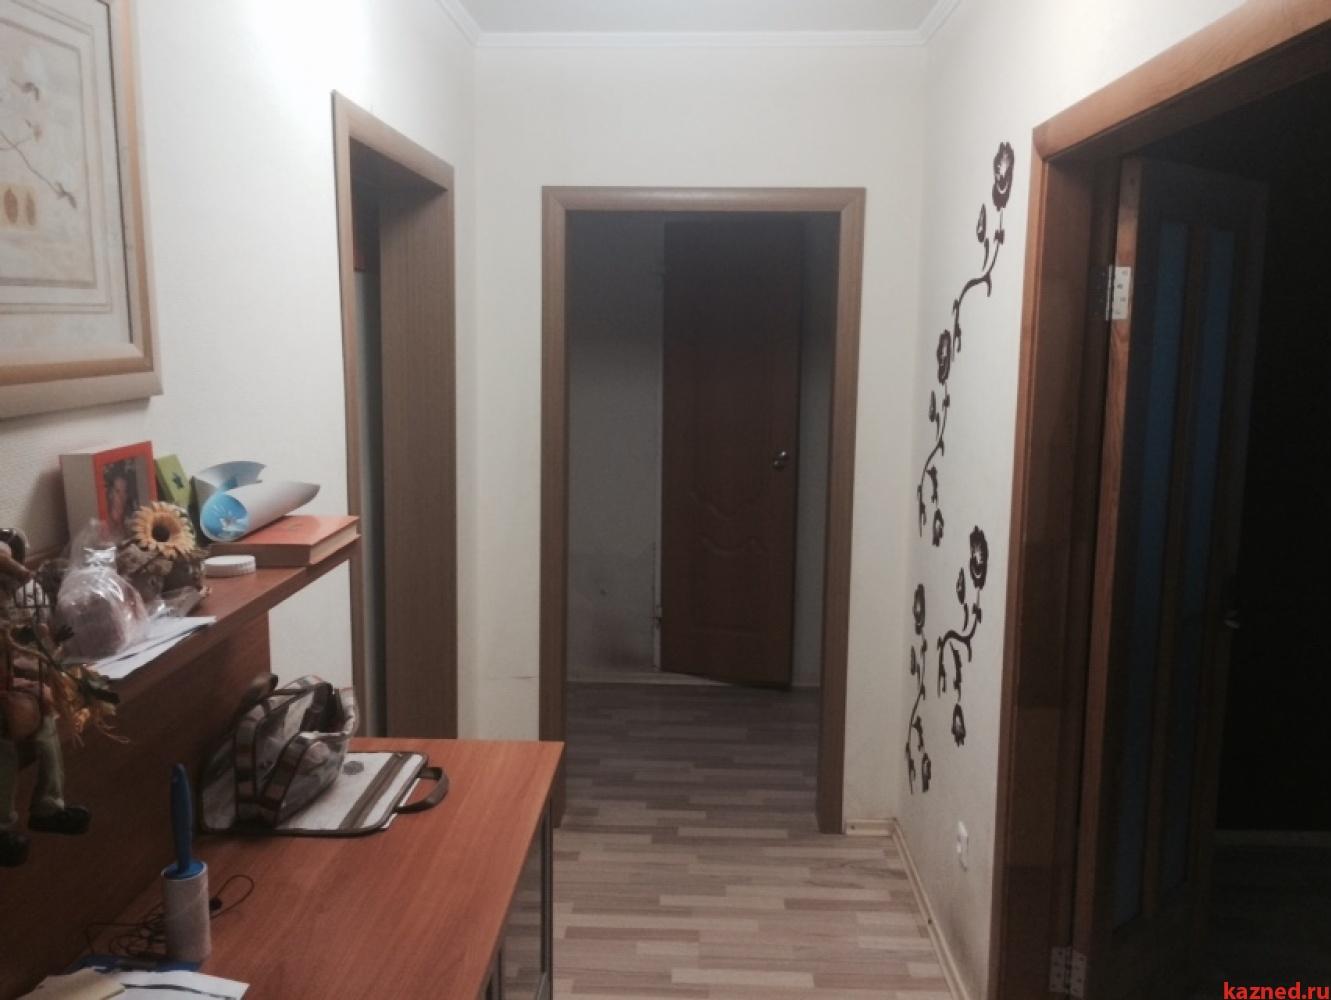 Продажа мн-к квартиры Четаева 13, 103 м2  (миниатюра №2)